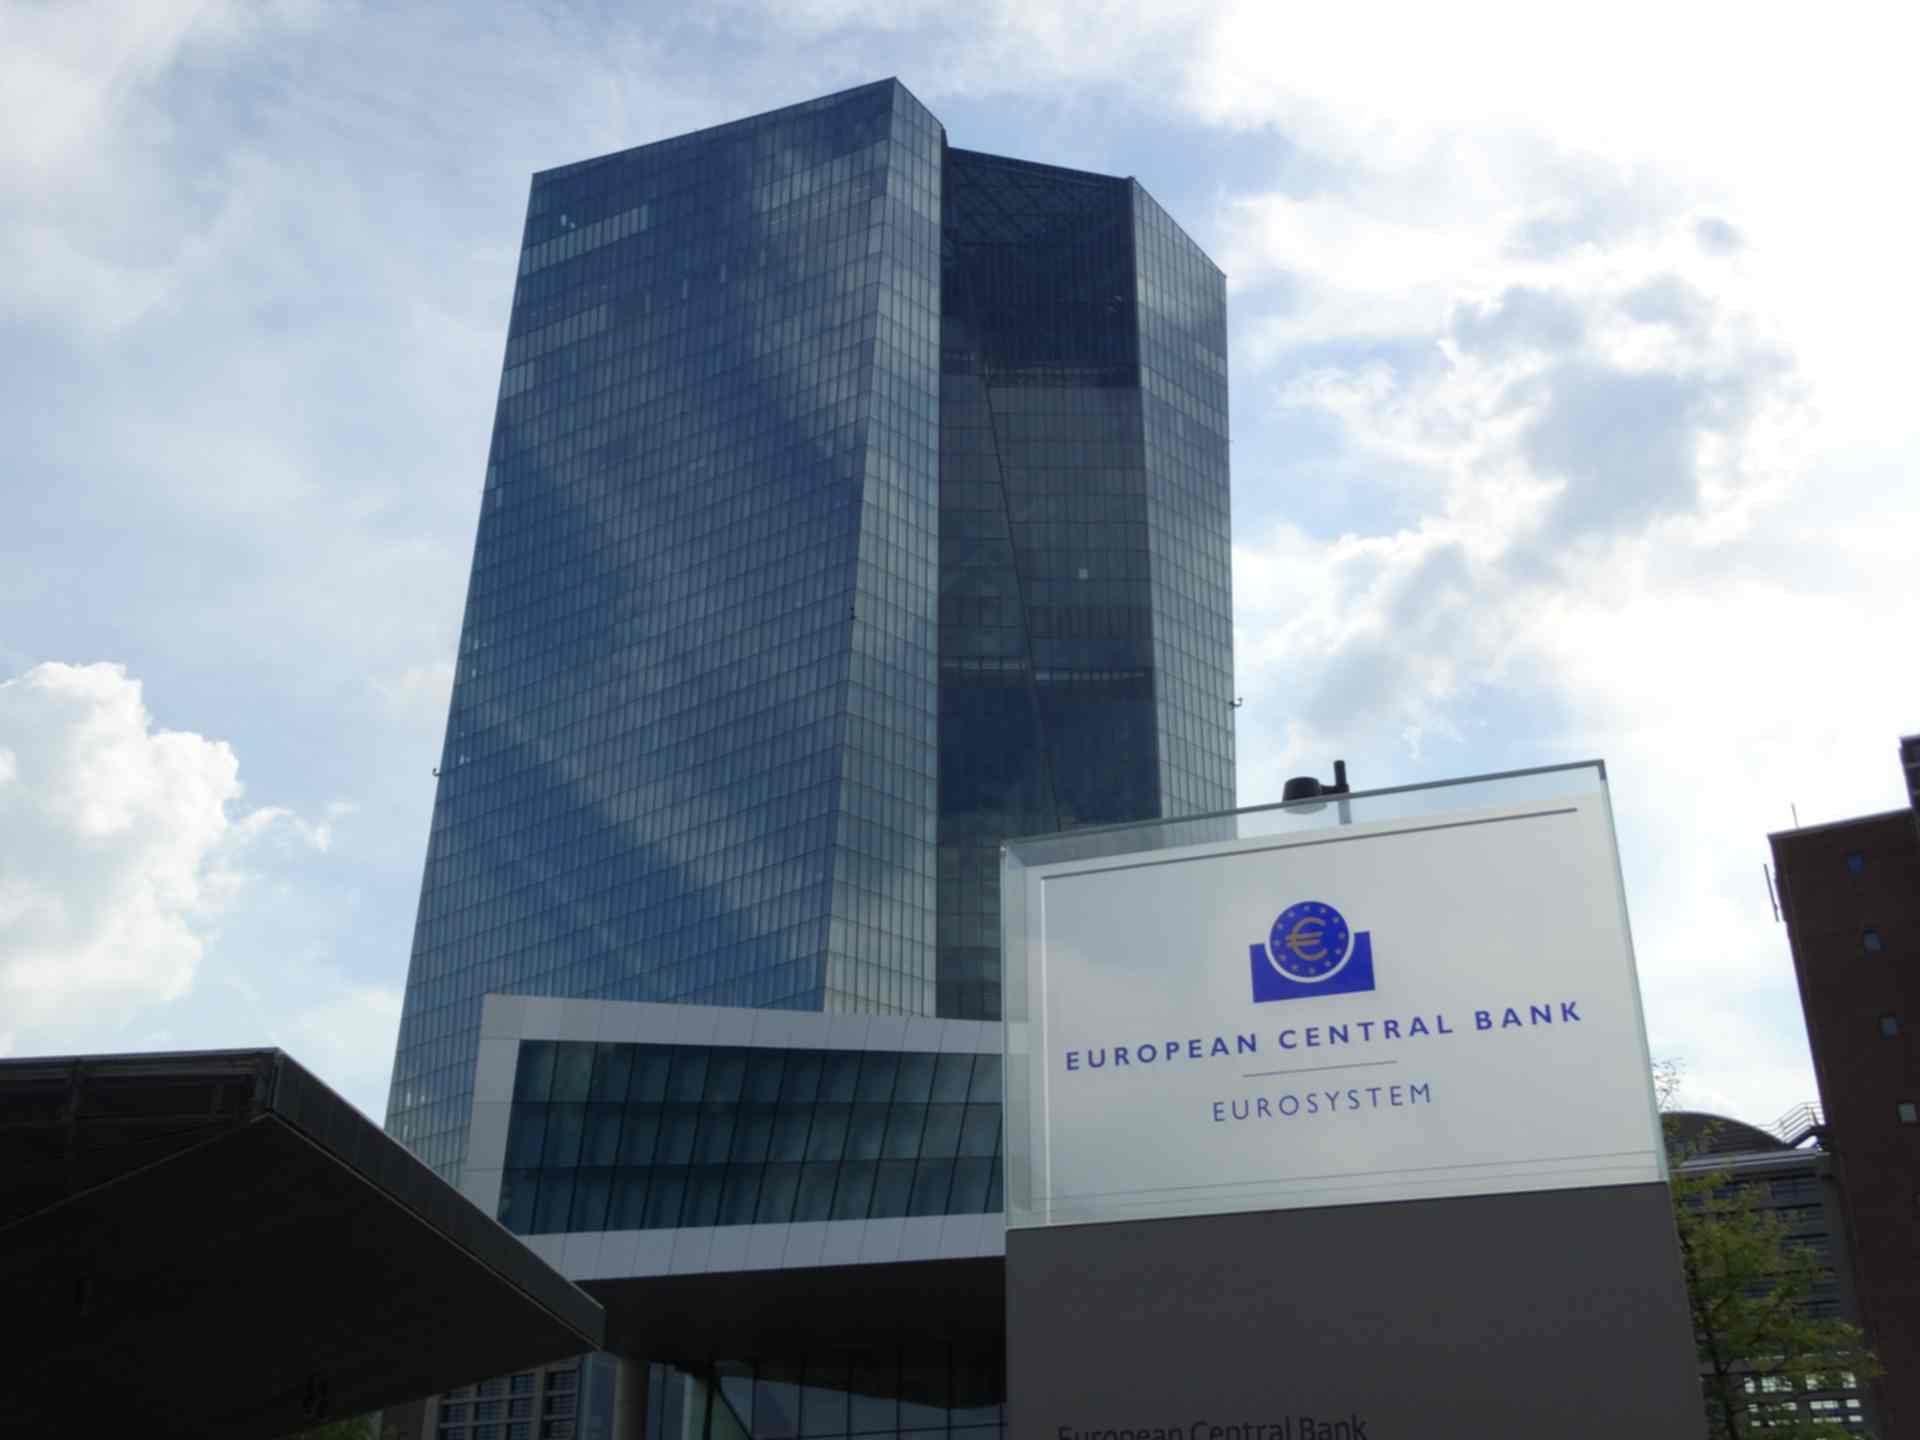 Karlsruhe - und das CSPP-Programm der Europäischen Zentralbank.